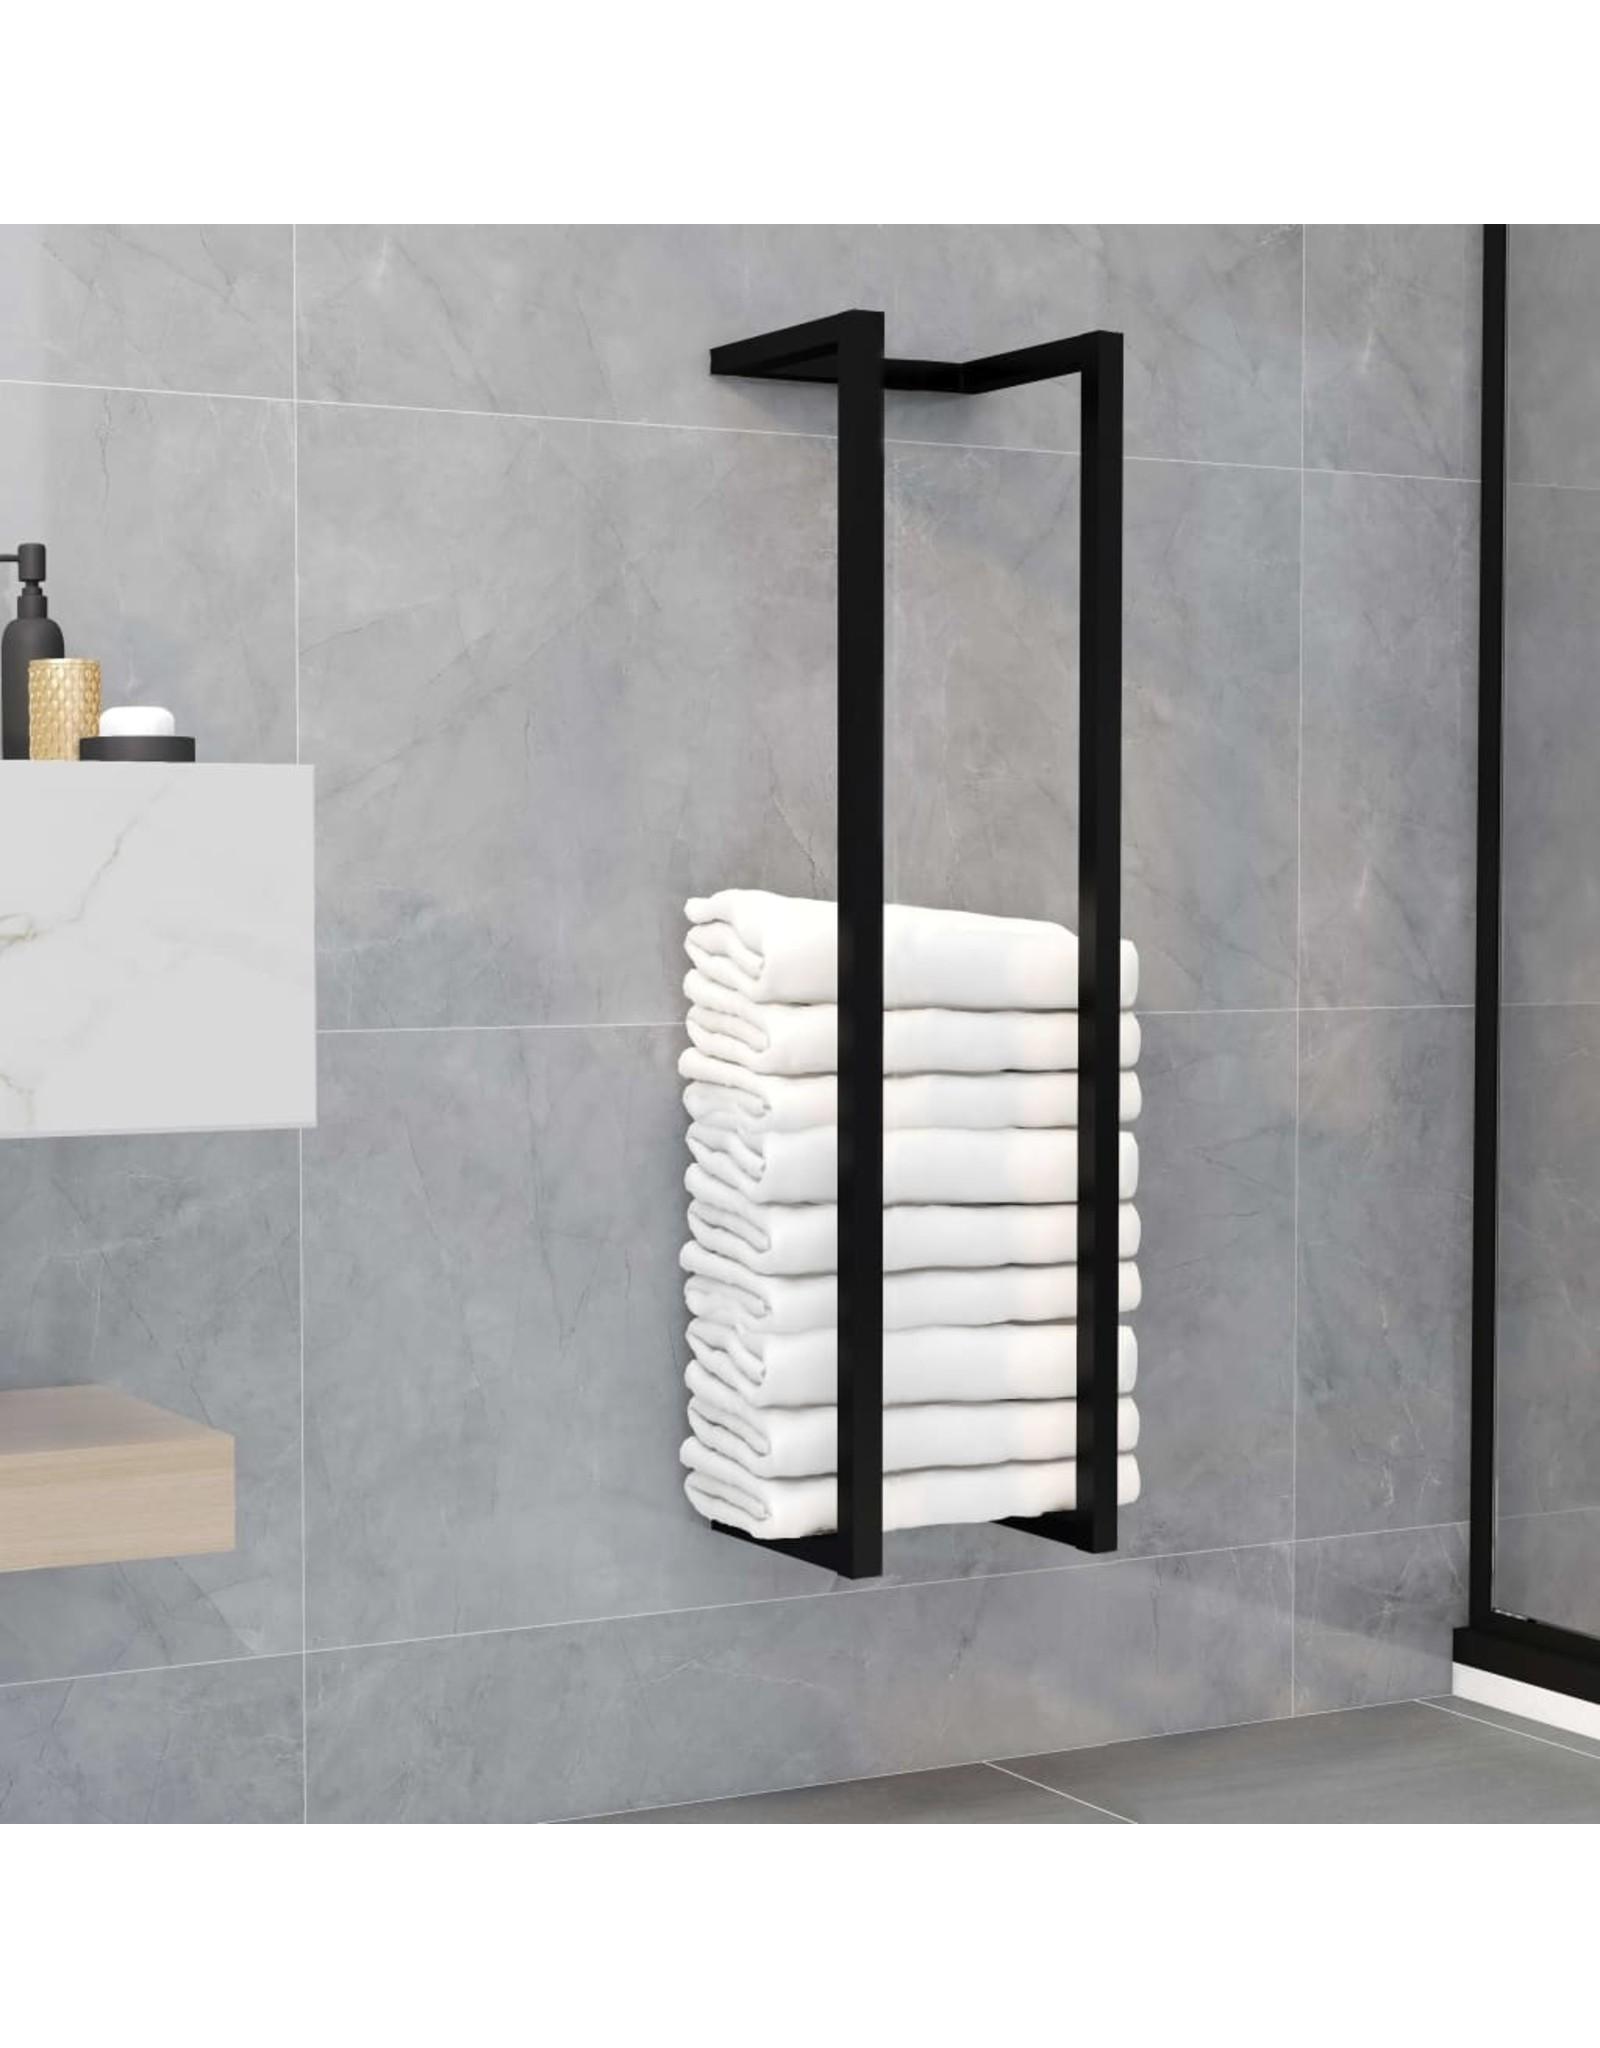 Handdoekenrek 25x20x95 cm ijzer zwart